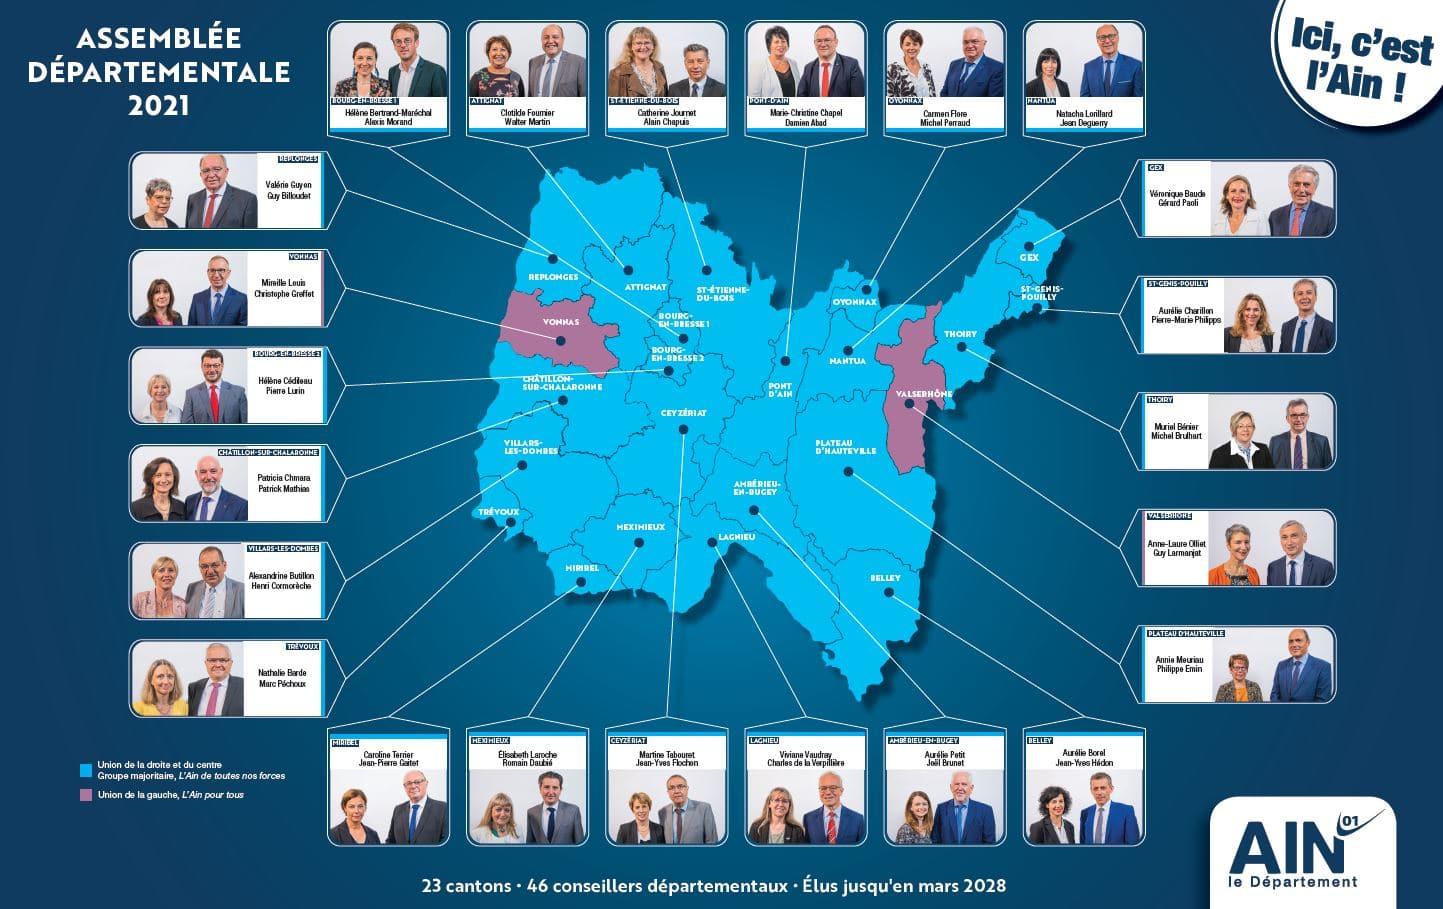 Carte des conseillers départementaux Ain